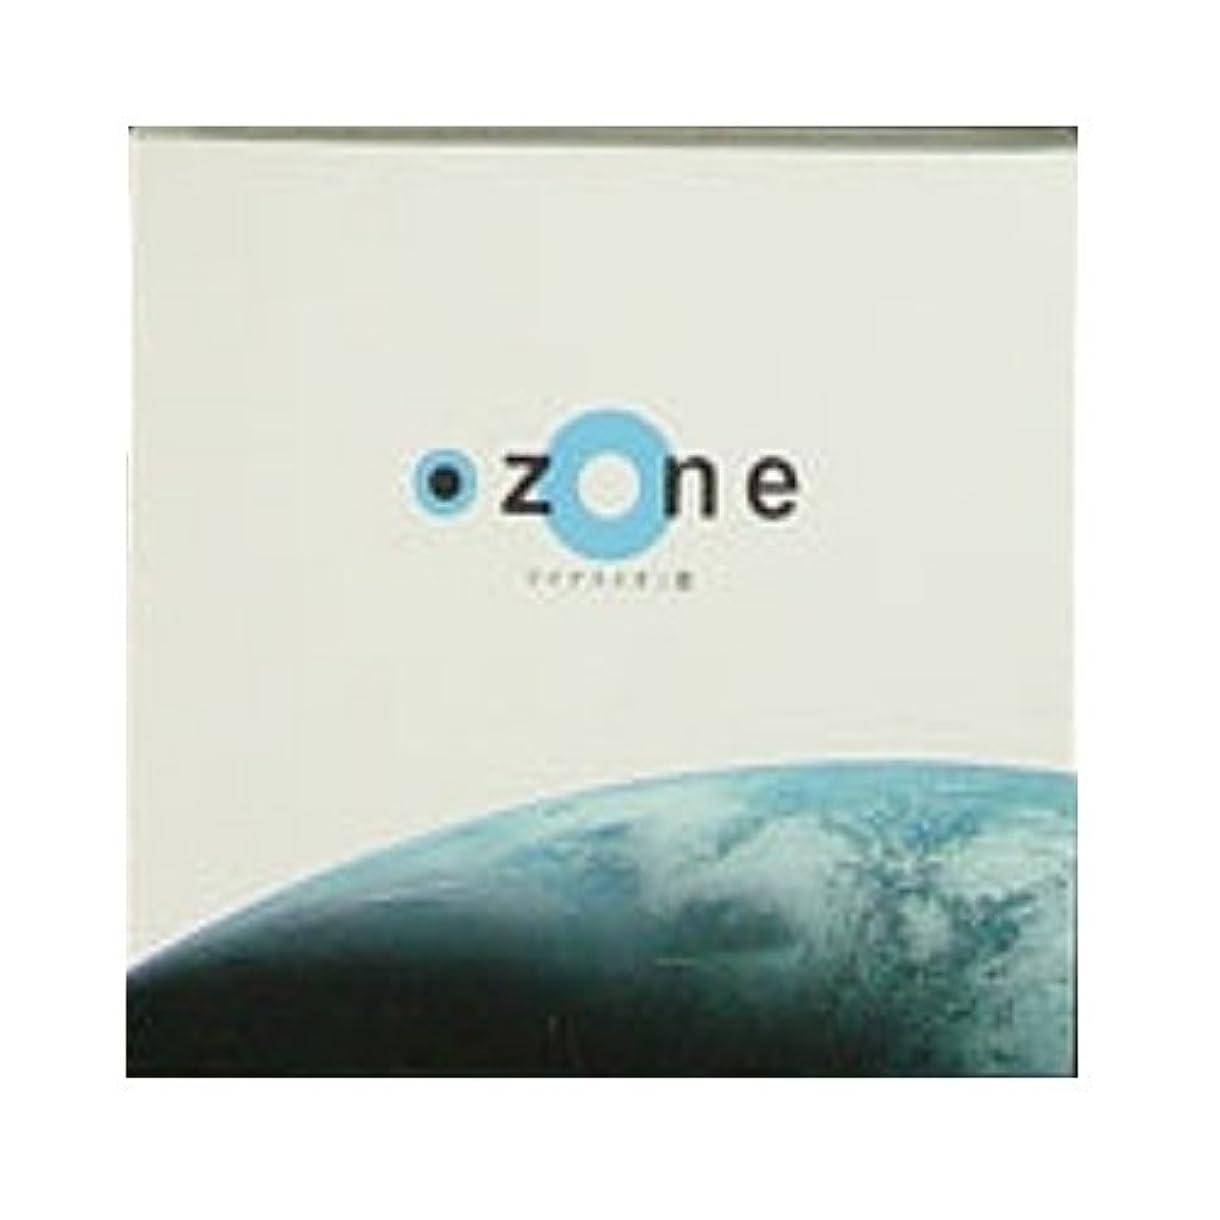 取り除く後会う悠々庵 OZONE 箱型 ウルトラマリン